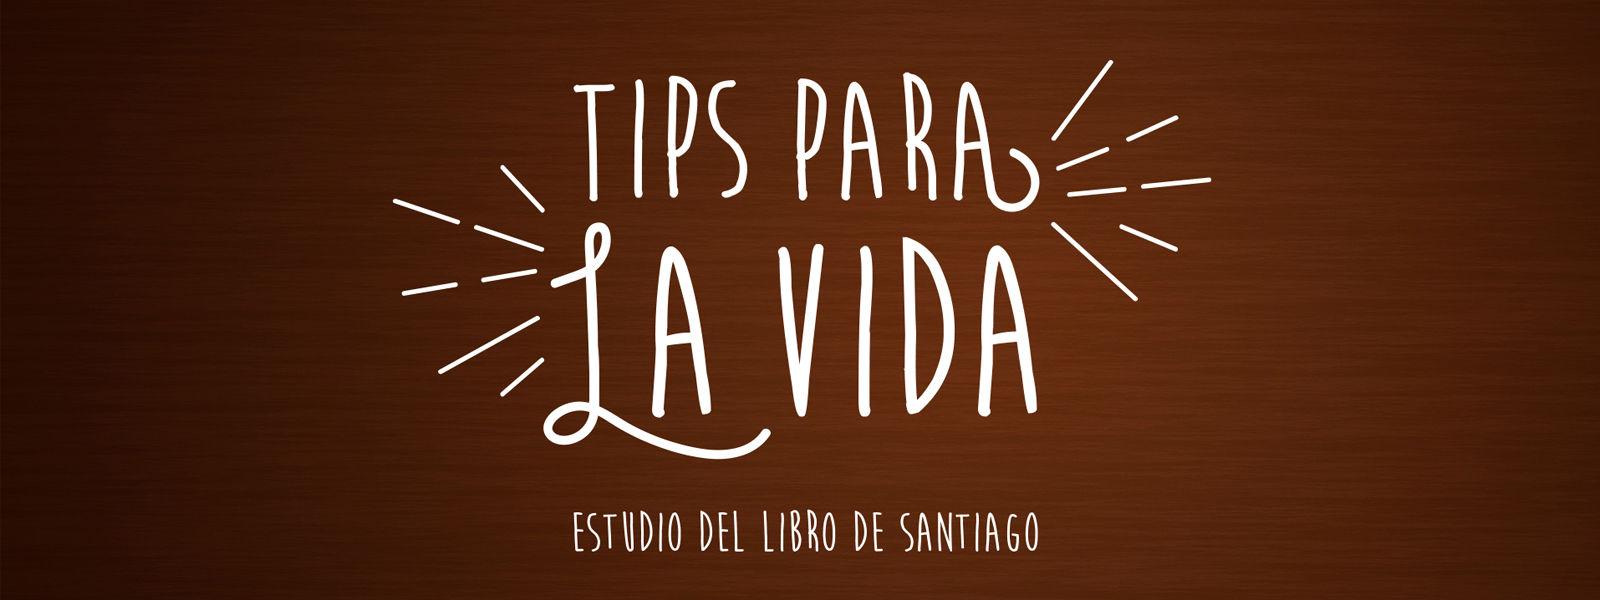 Tips para la vida